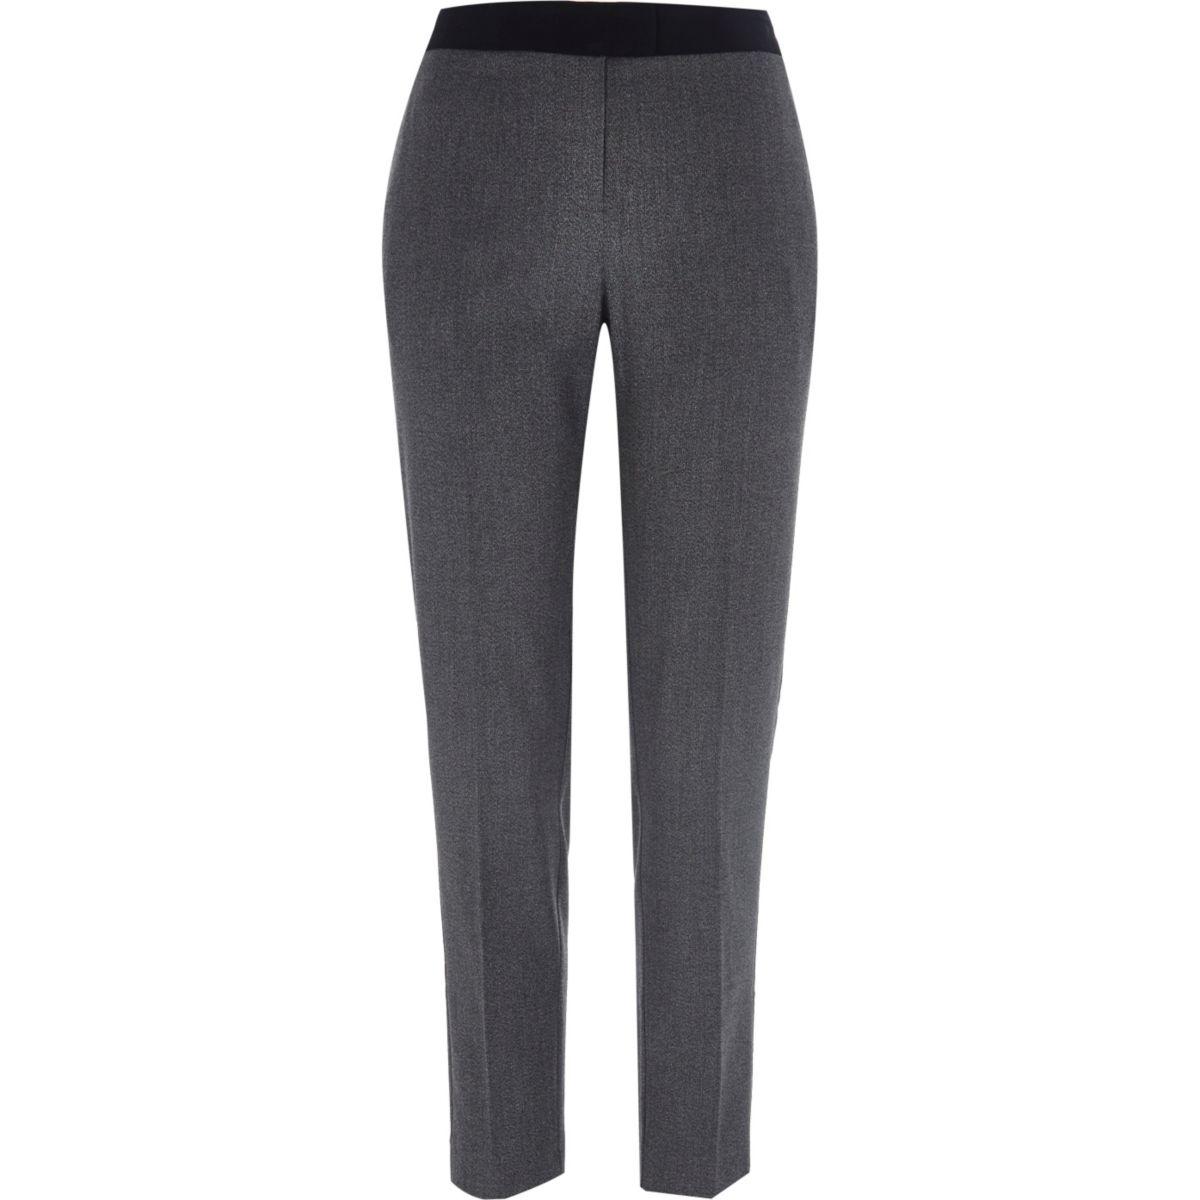 Graue schmale Hosen aus Twill